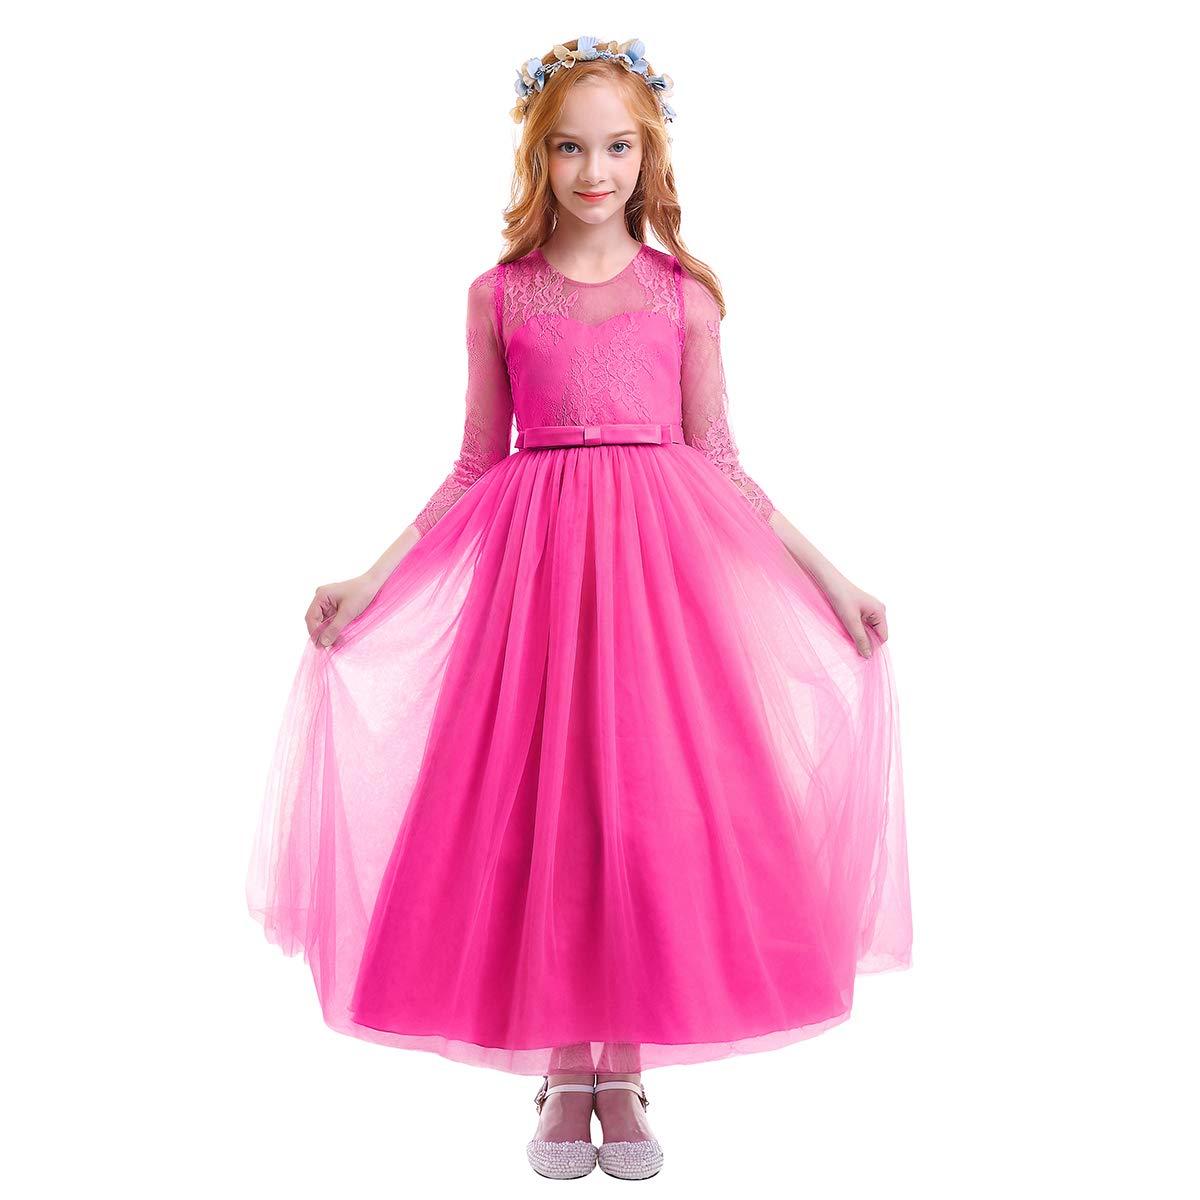 OBEEII Vestito da Principessa Fiore Ragazza Abito Maxi Pizzo Manica Lunga Floreale Gonna Tutu per Festa Cerimonia Carnevale Battesimo per Bambine 3-12 Anni